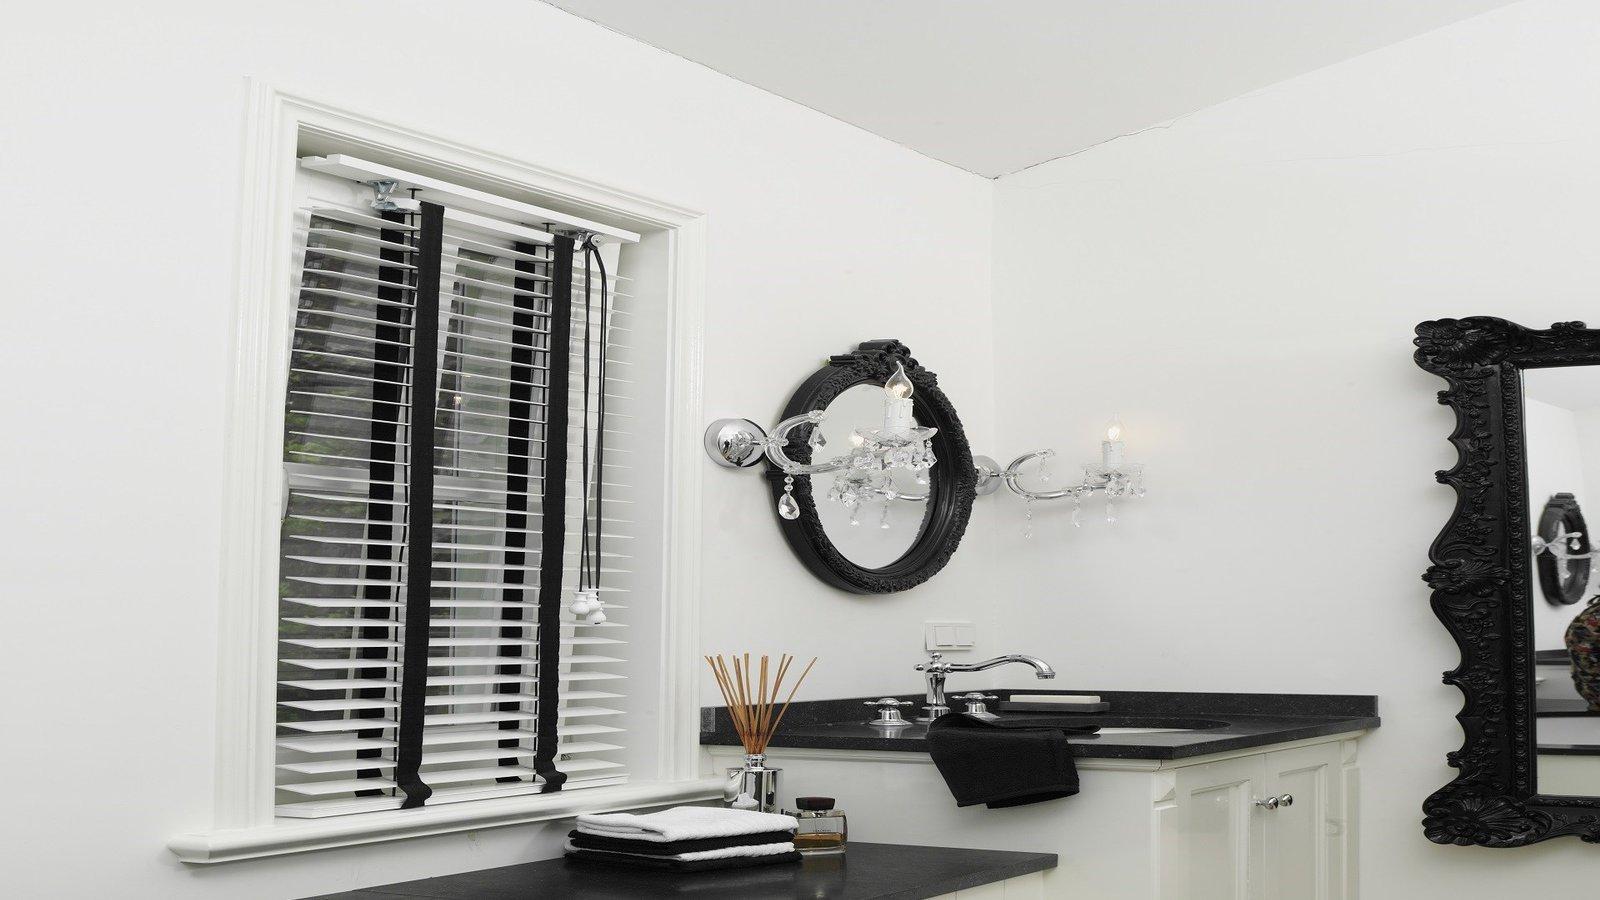 Badkamer Jaloezieen : Raamdecoratie voor de badkamer - Inspiraties ...